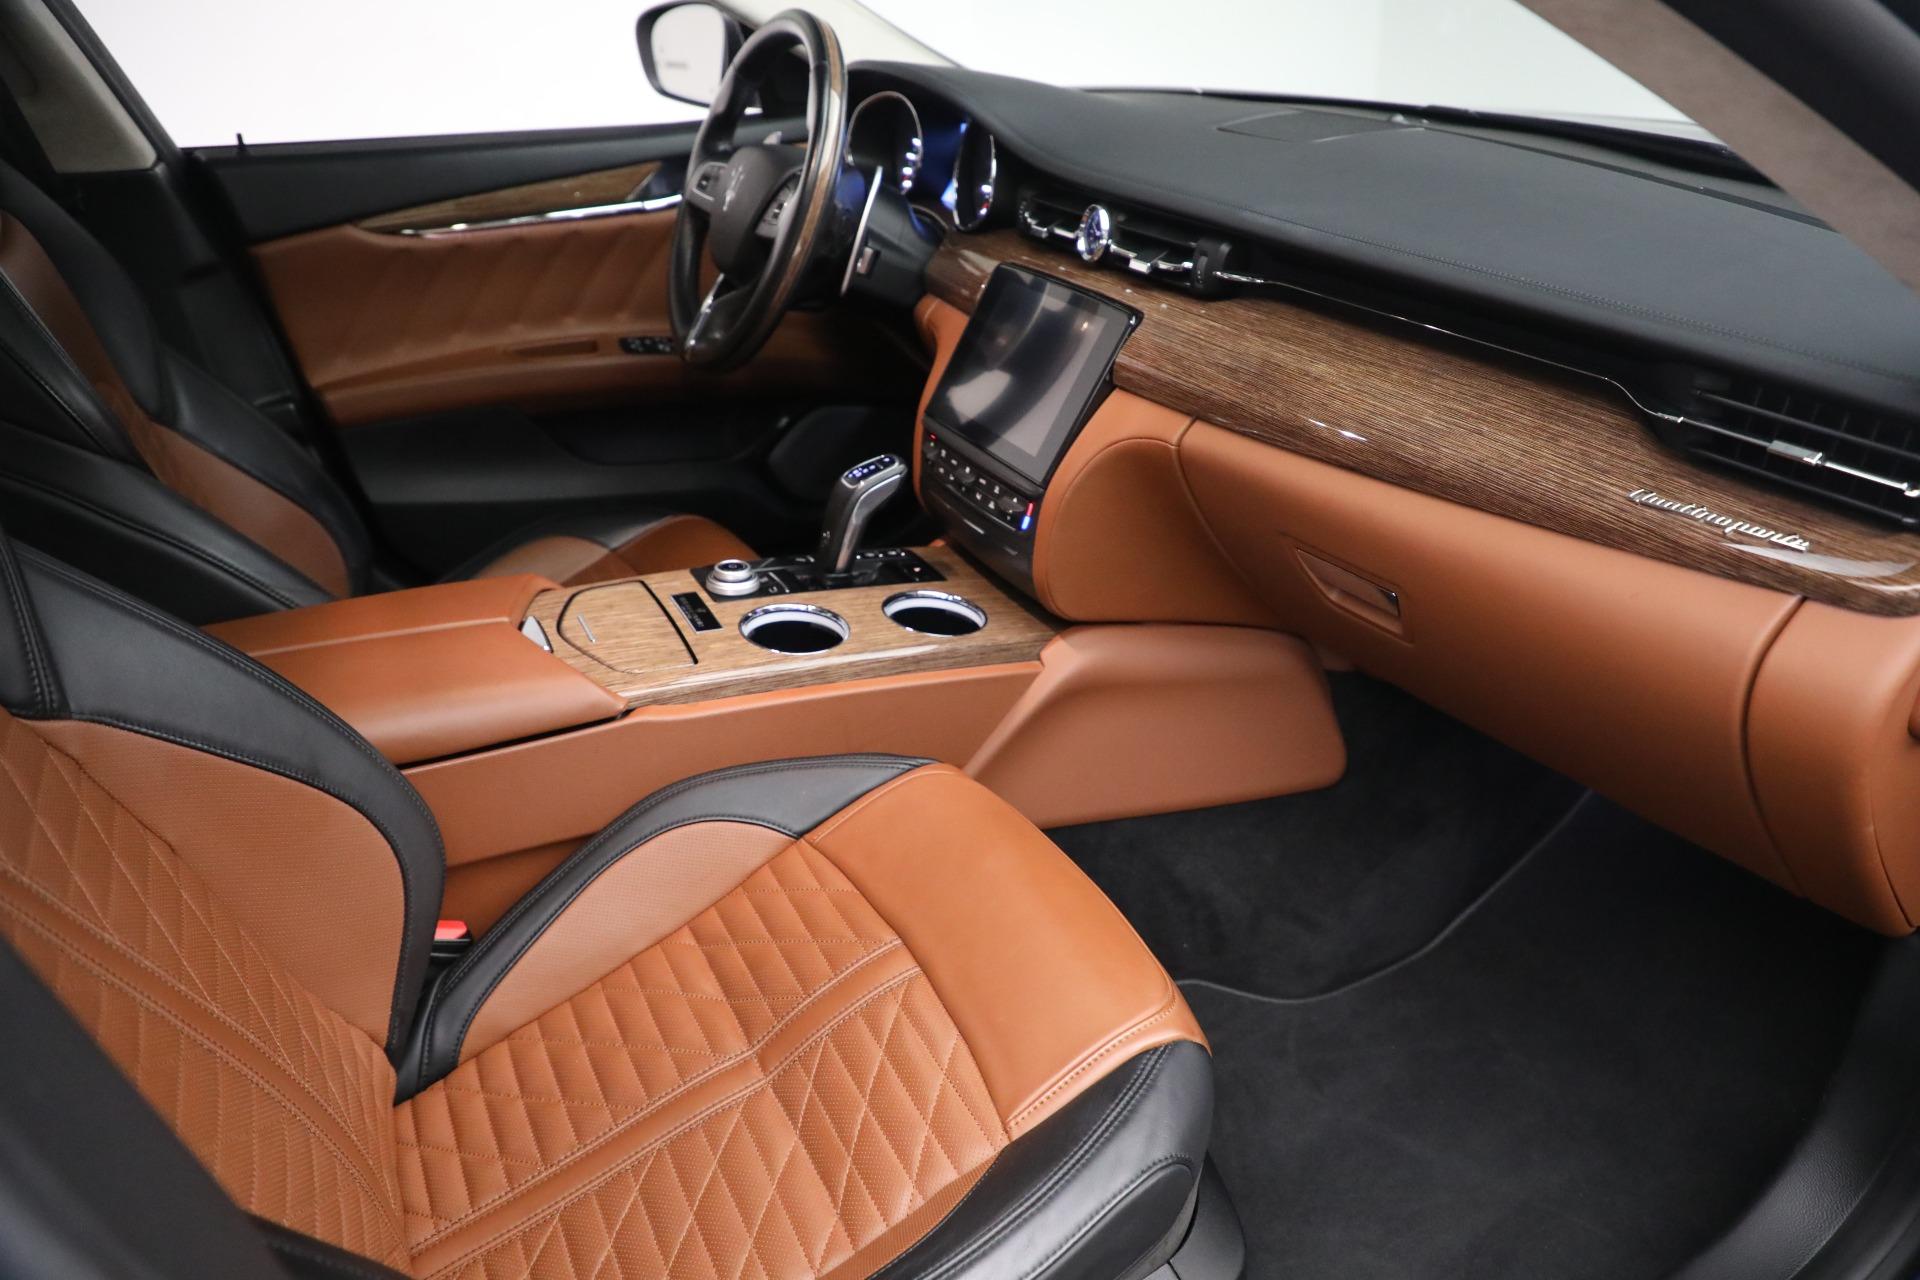 New 2019 Maserati Quattroporte S Q4 GranLusso Edizione Nobile For Sale In Greenwich, CT 2858_p20